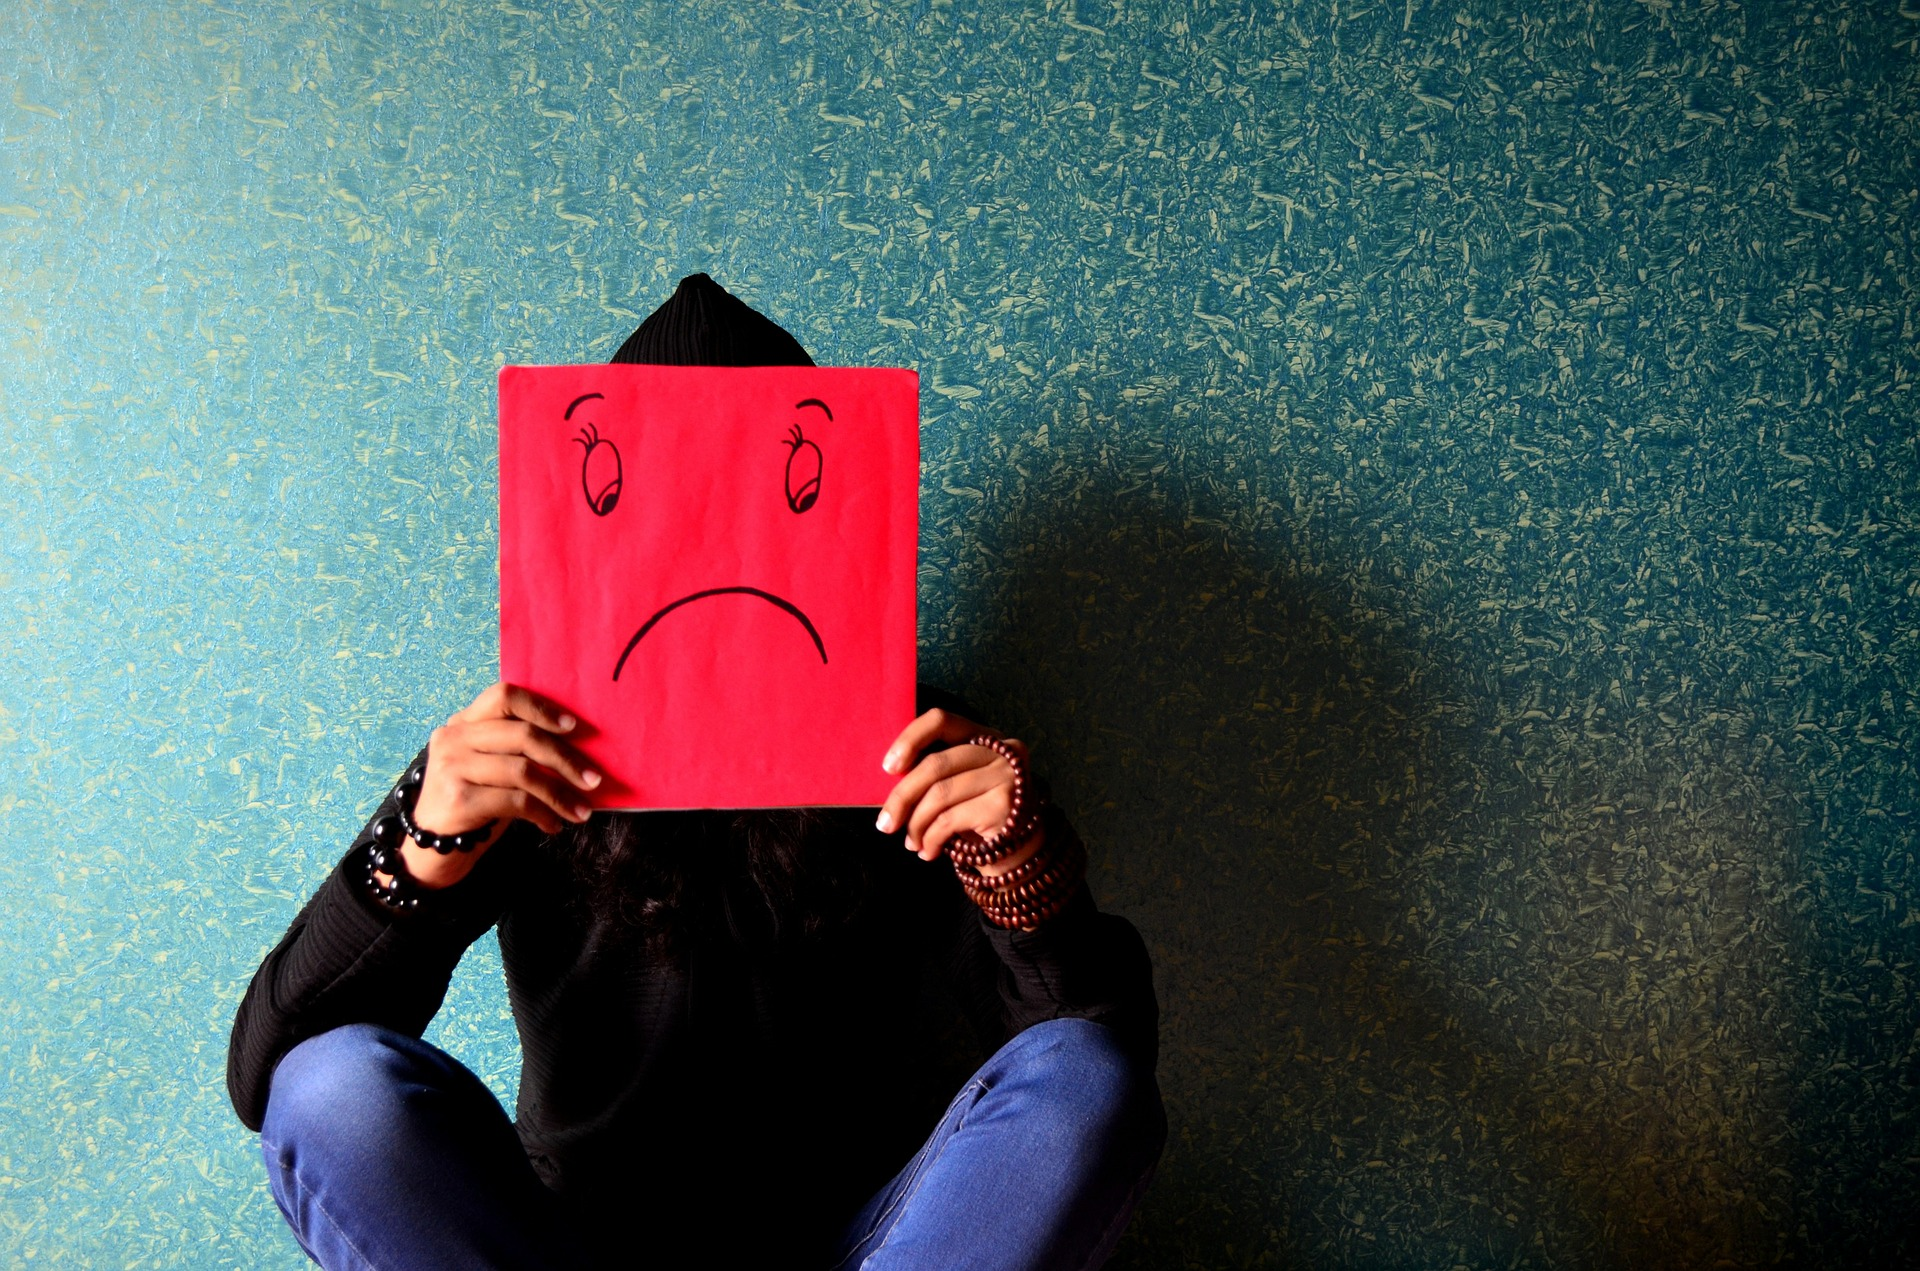 ストレスを抱える人間